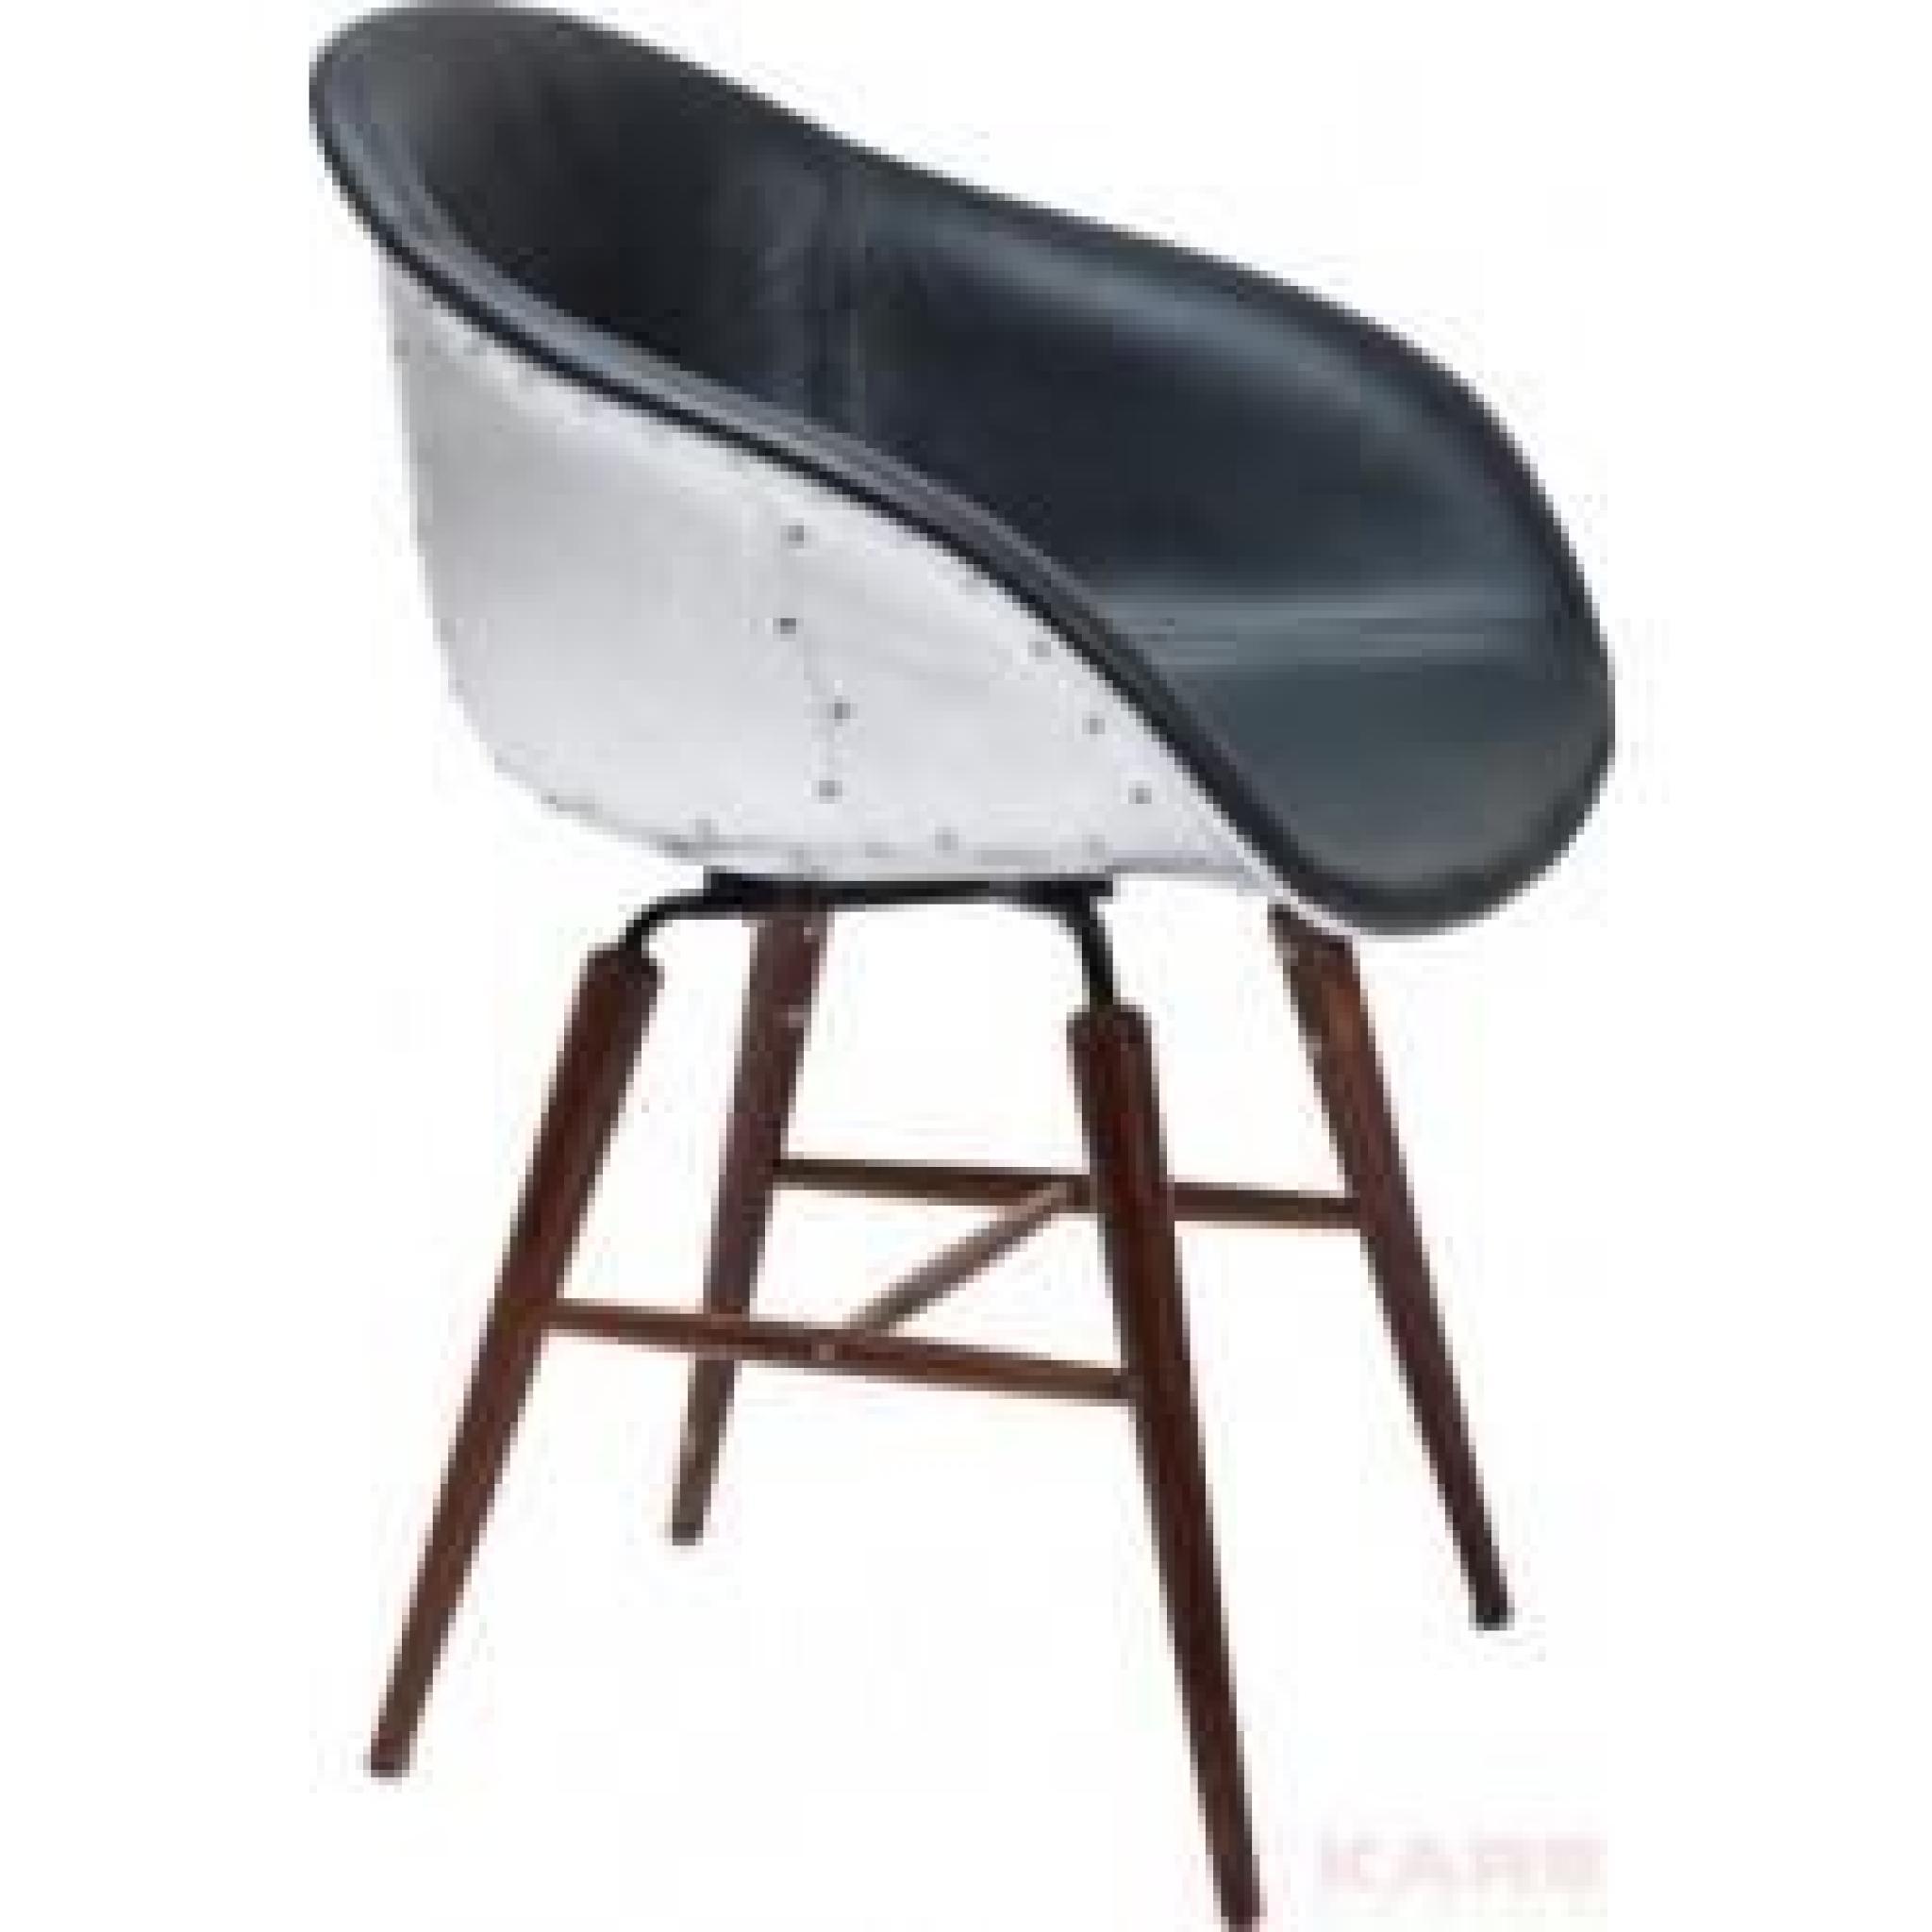 Chaise Bauhaus Industriel Noir Alu Pied En Bois